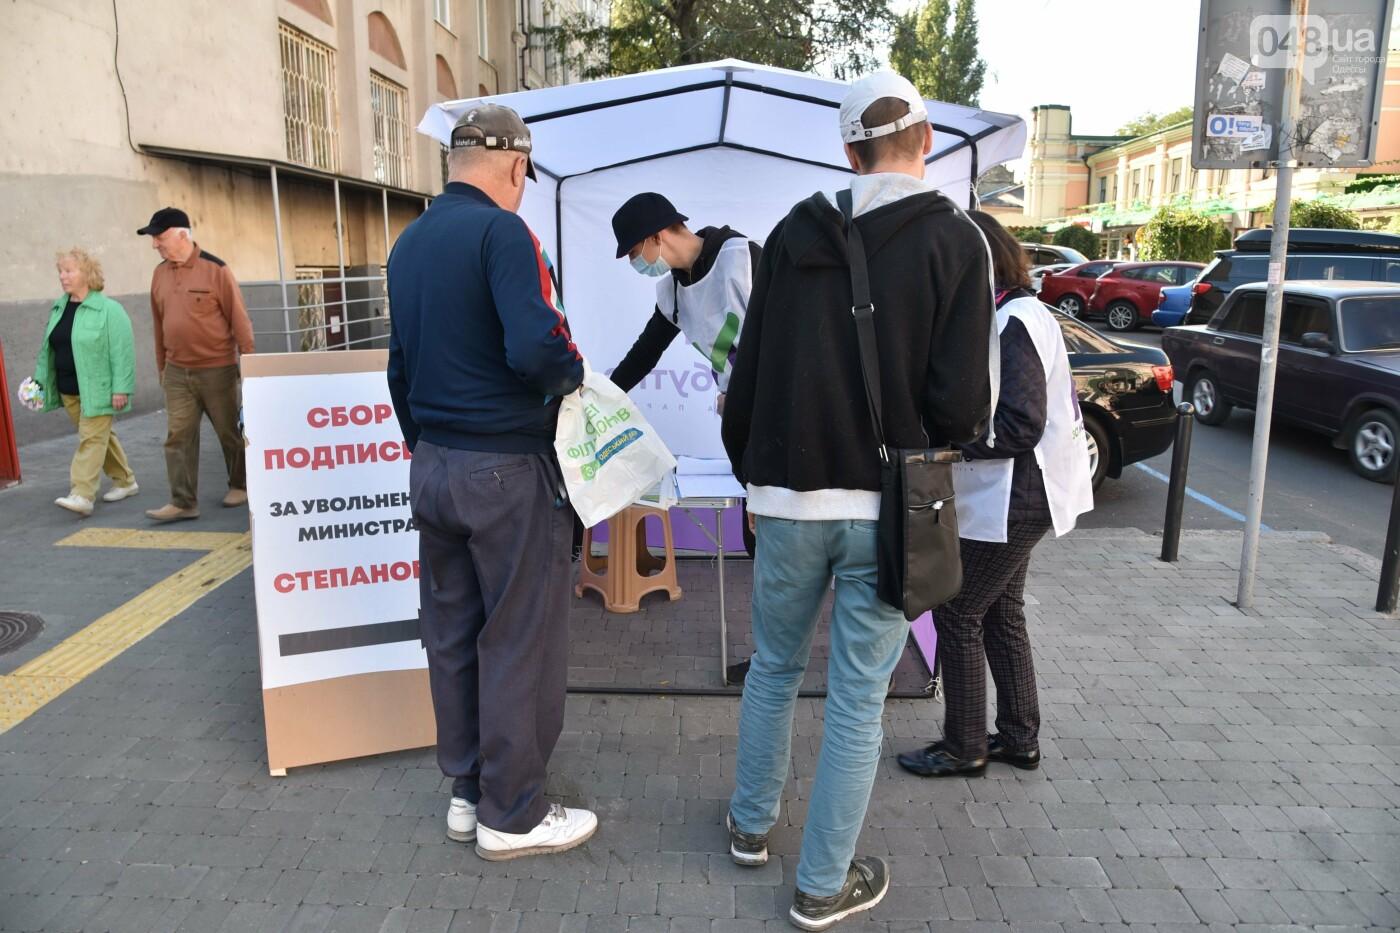 Одесситы активно подписывают письмо с требованием уволить министра Степанова!, фото-1